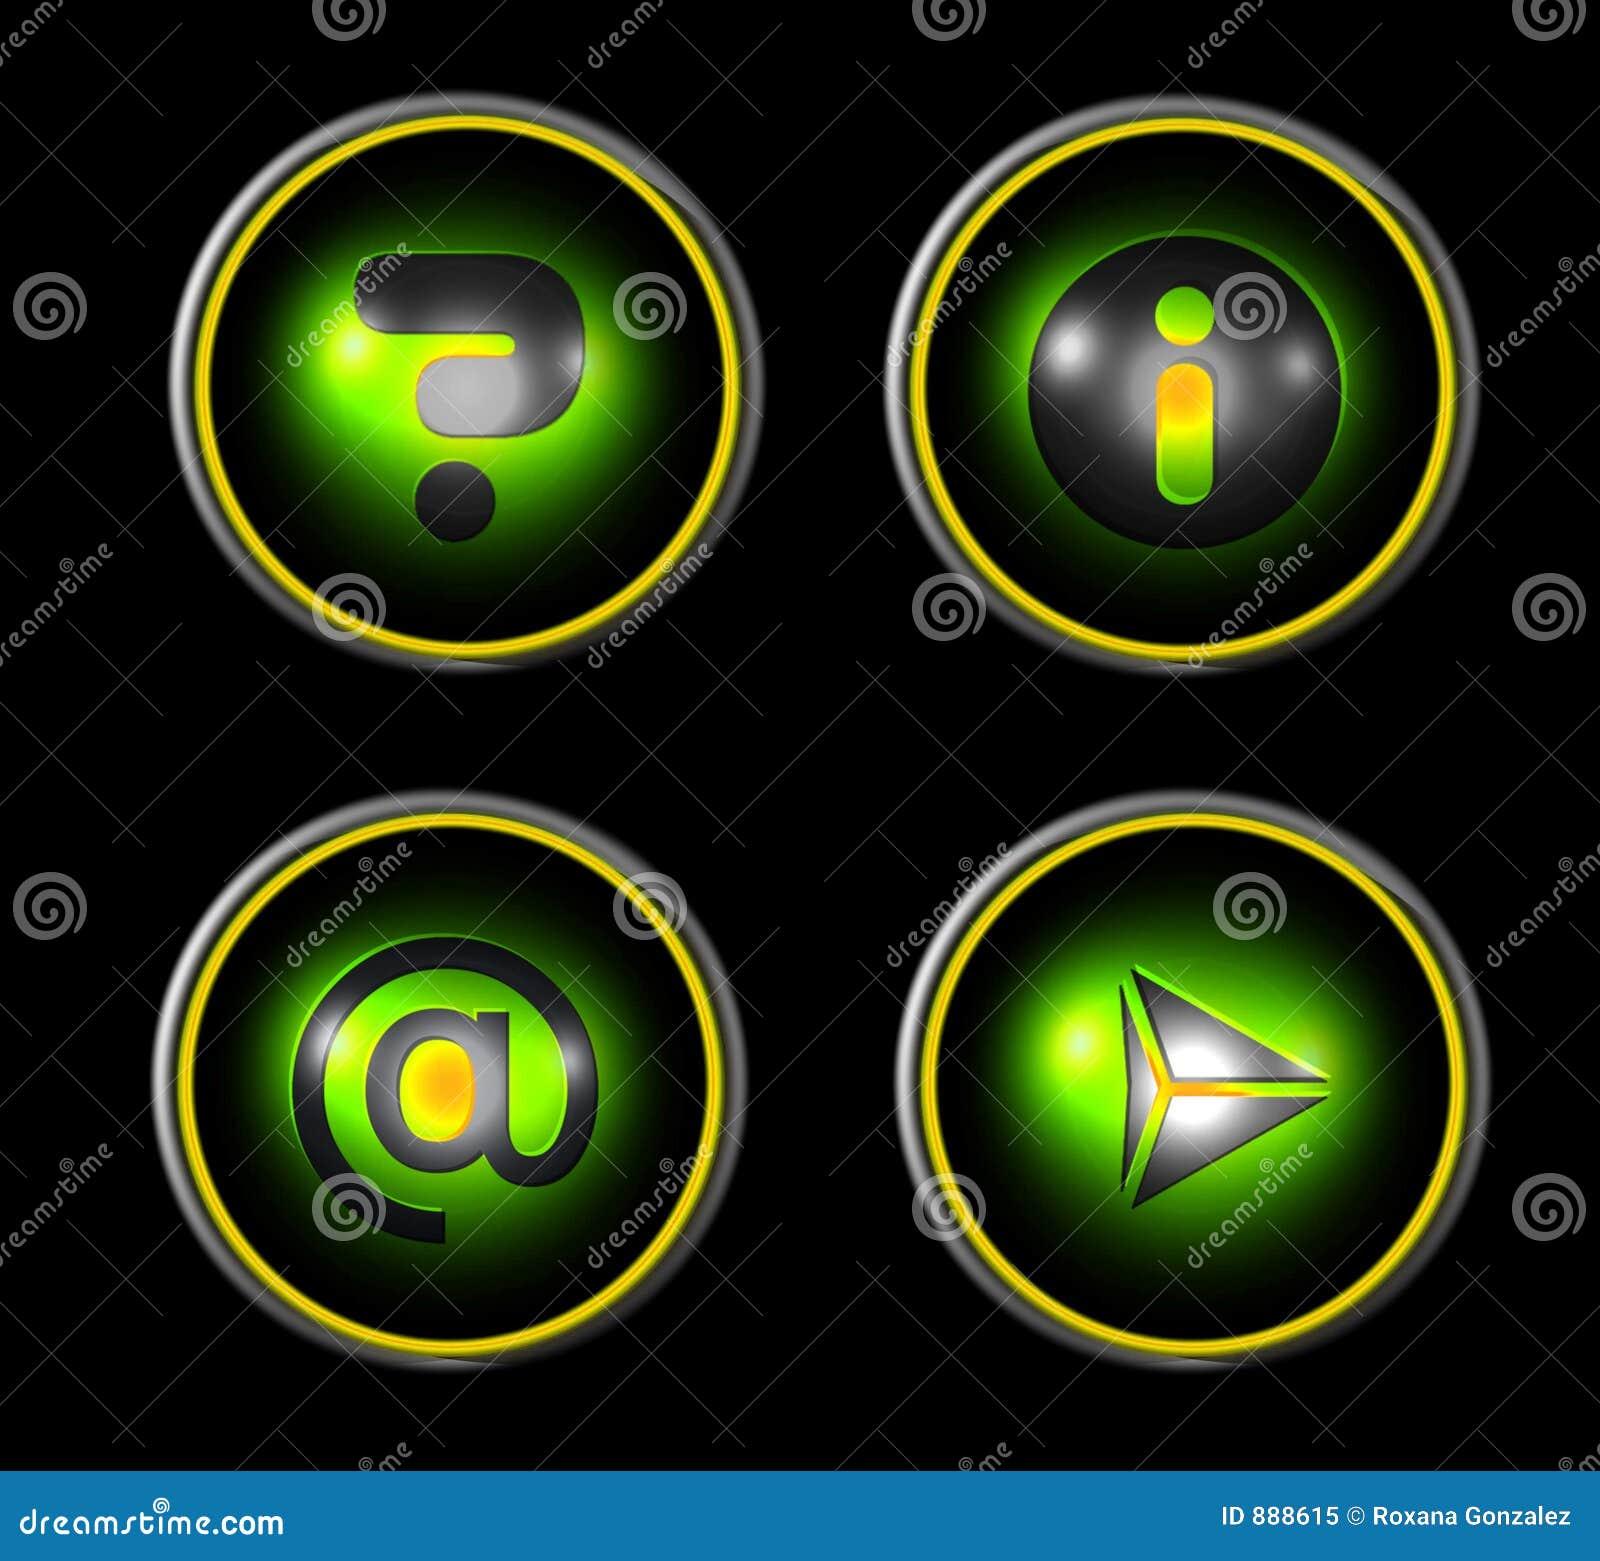 绿色图标集合万维网